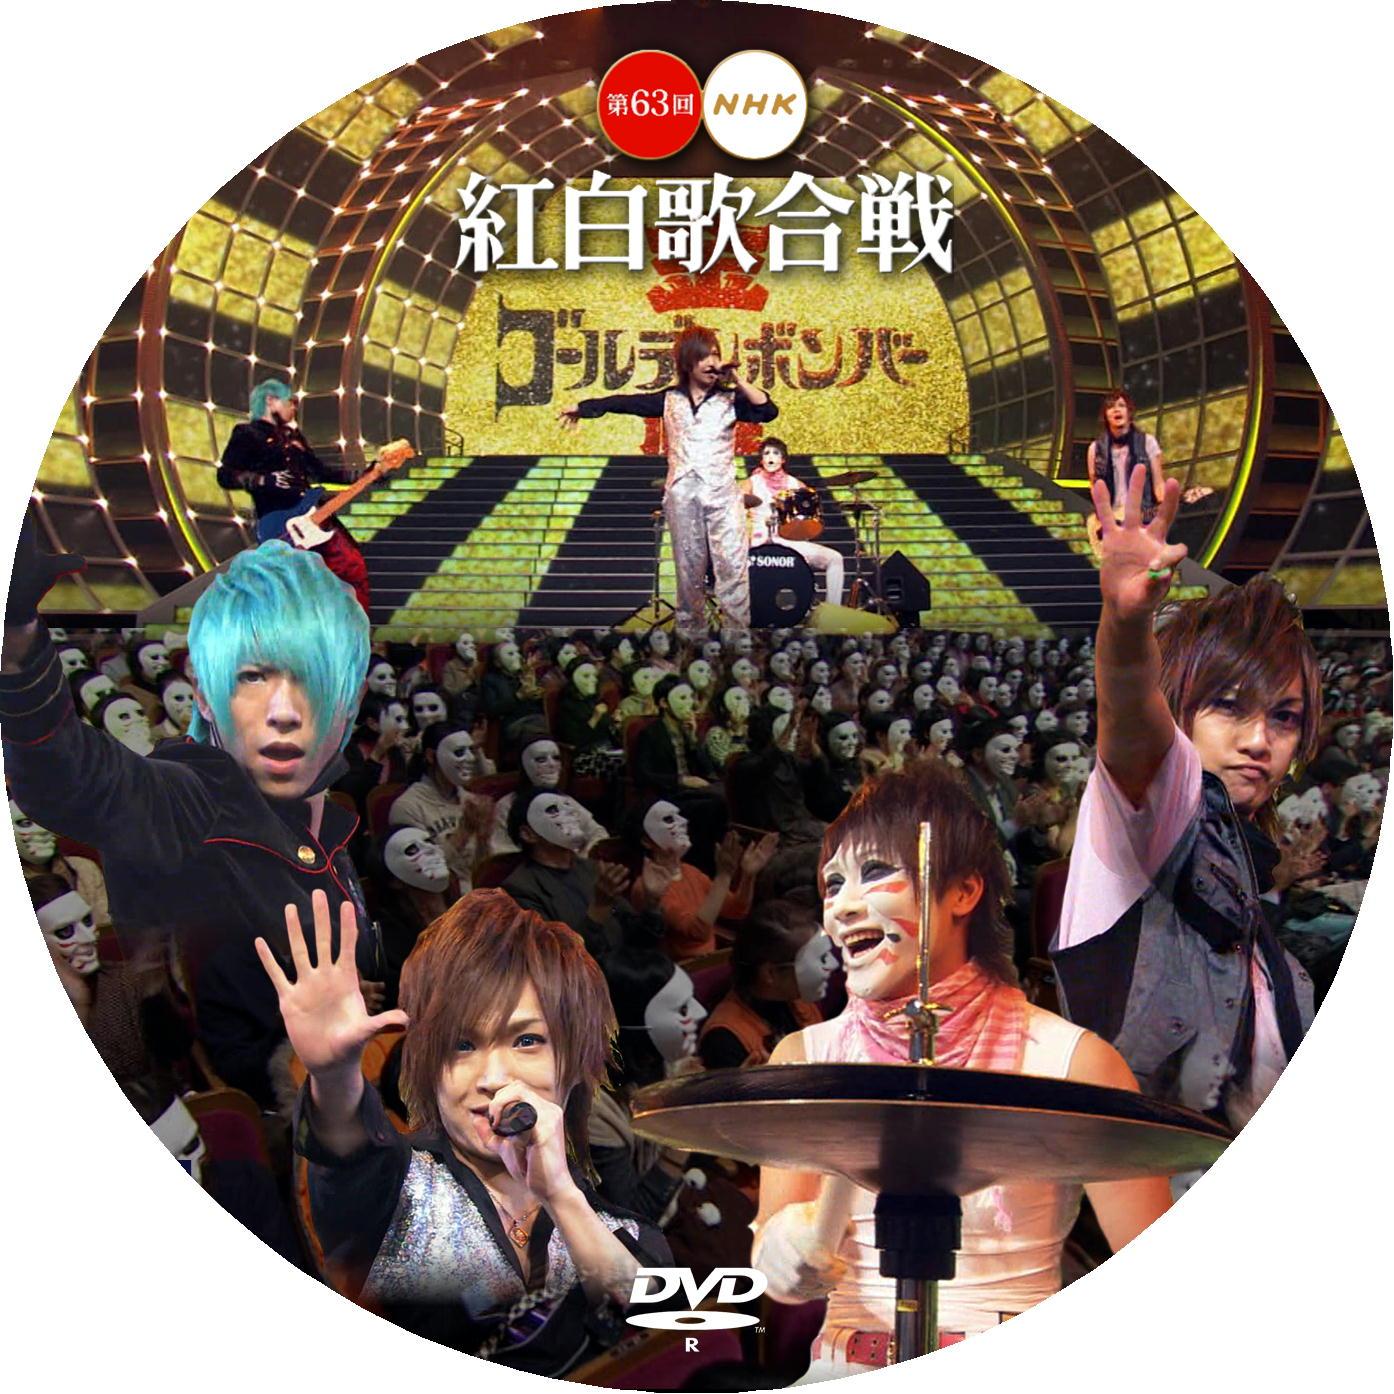 紅白歌合戦 2012 ゴールデンボンバー DVDラベル